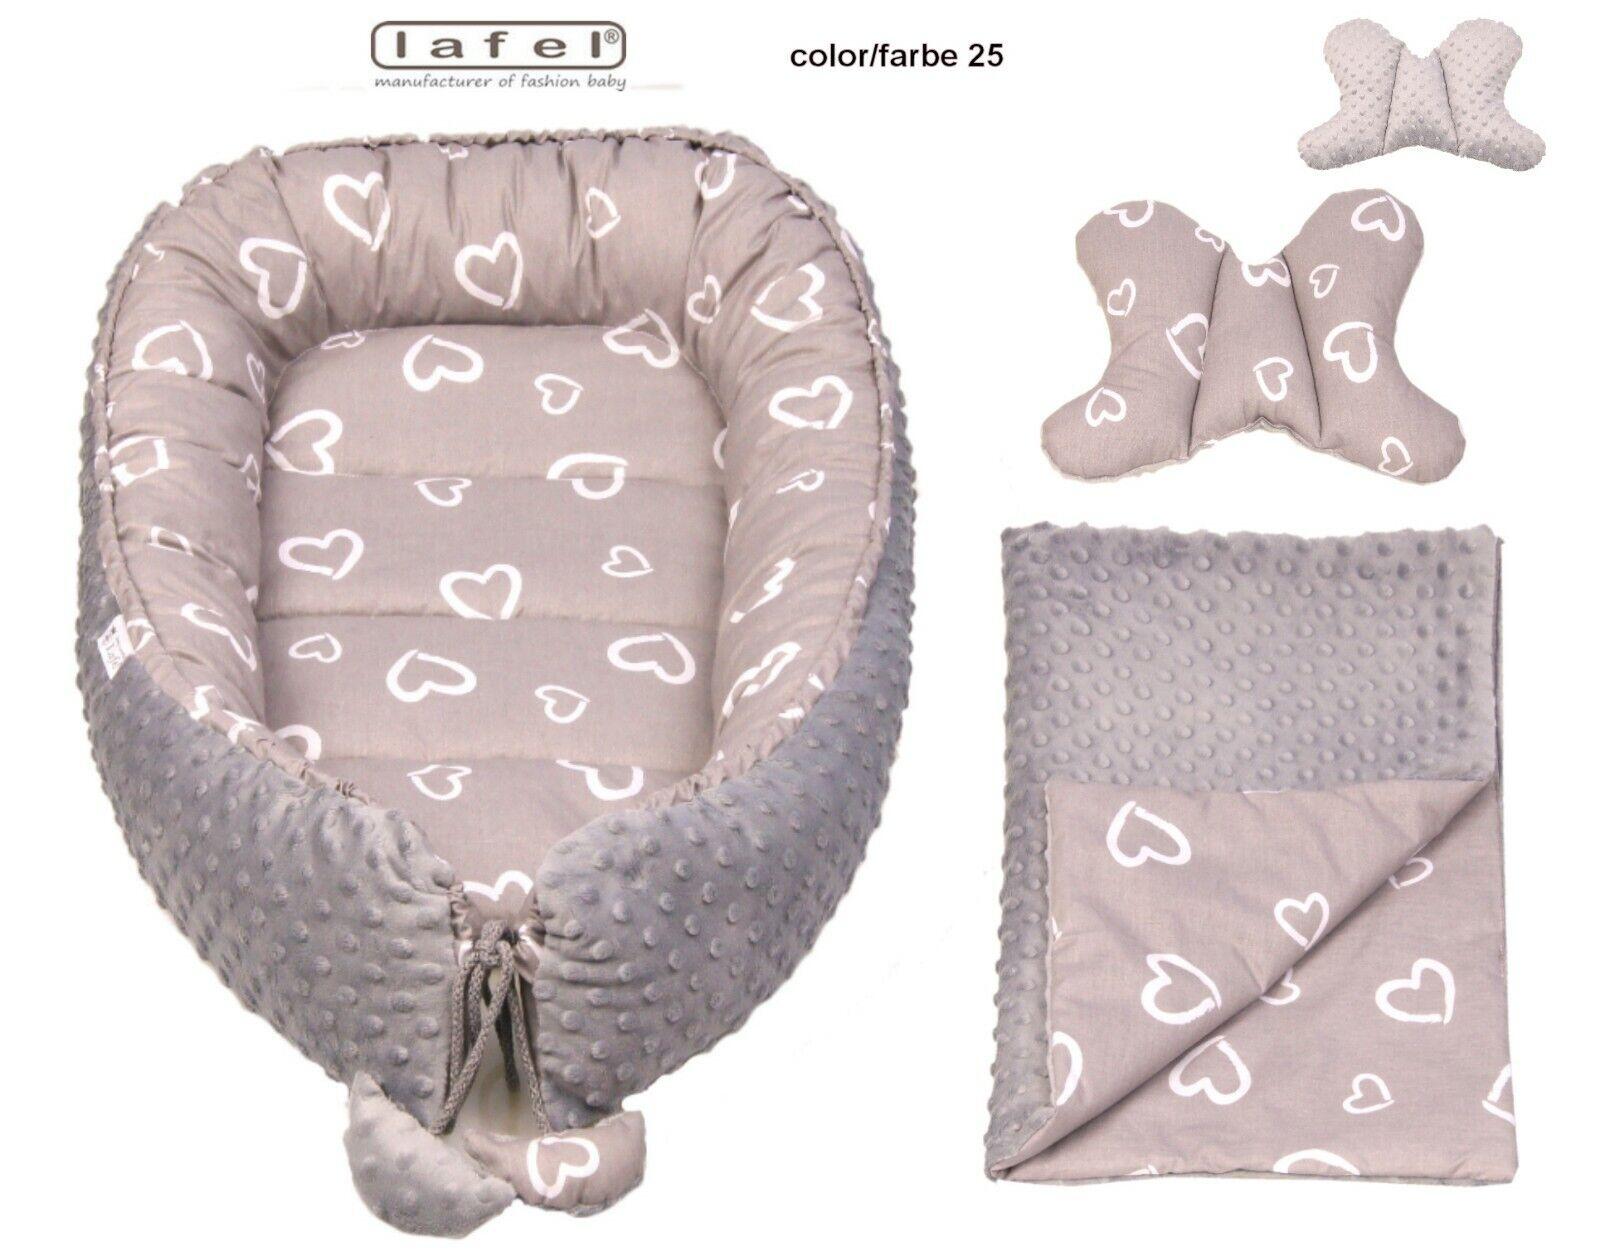 Babynest Kuschelnest Cocoon Baumwolle Babybett 3-teilig LAFEL